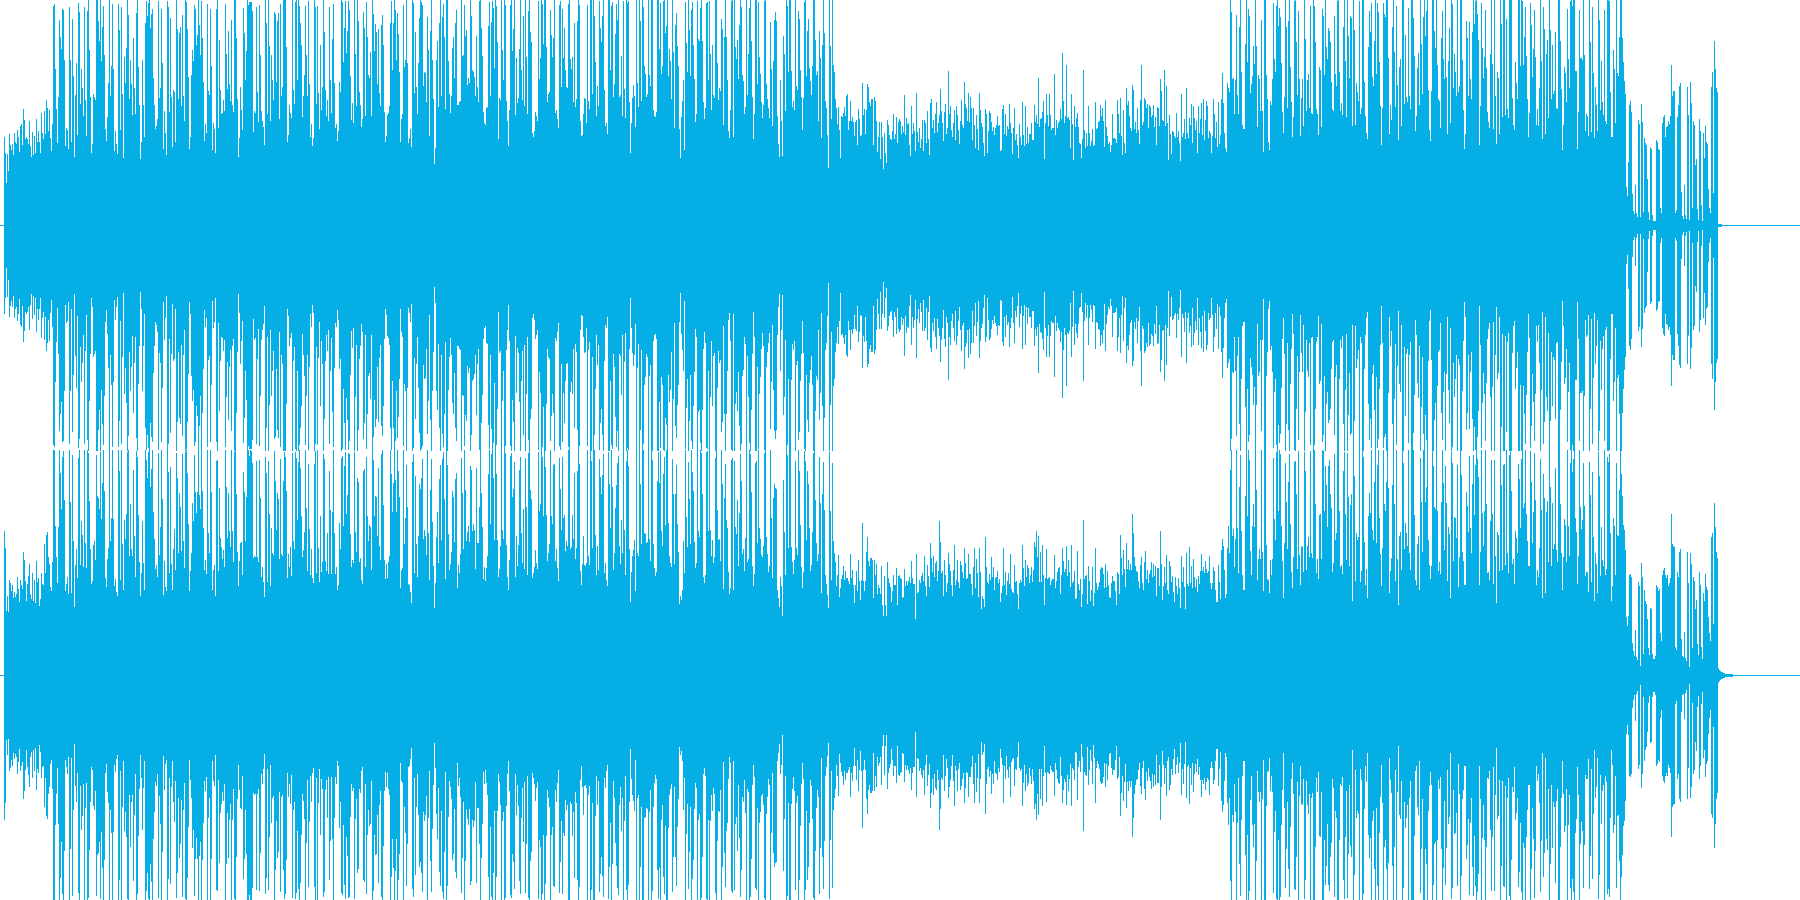 わき起こる探究心的なテクノポップスの再生済みの波形